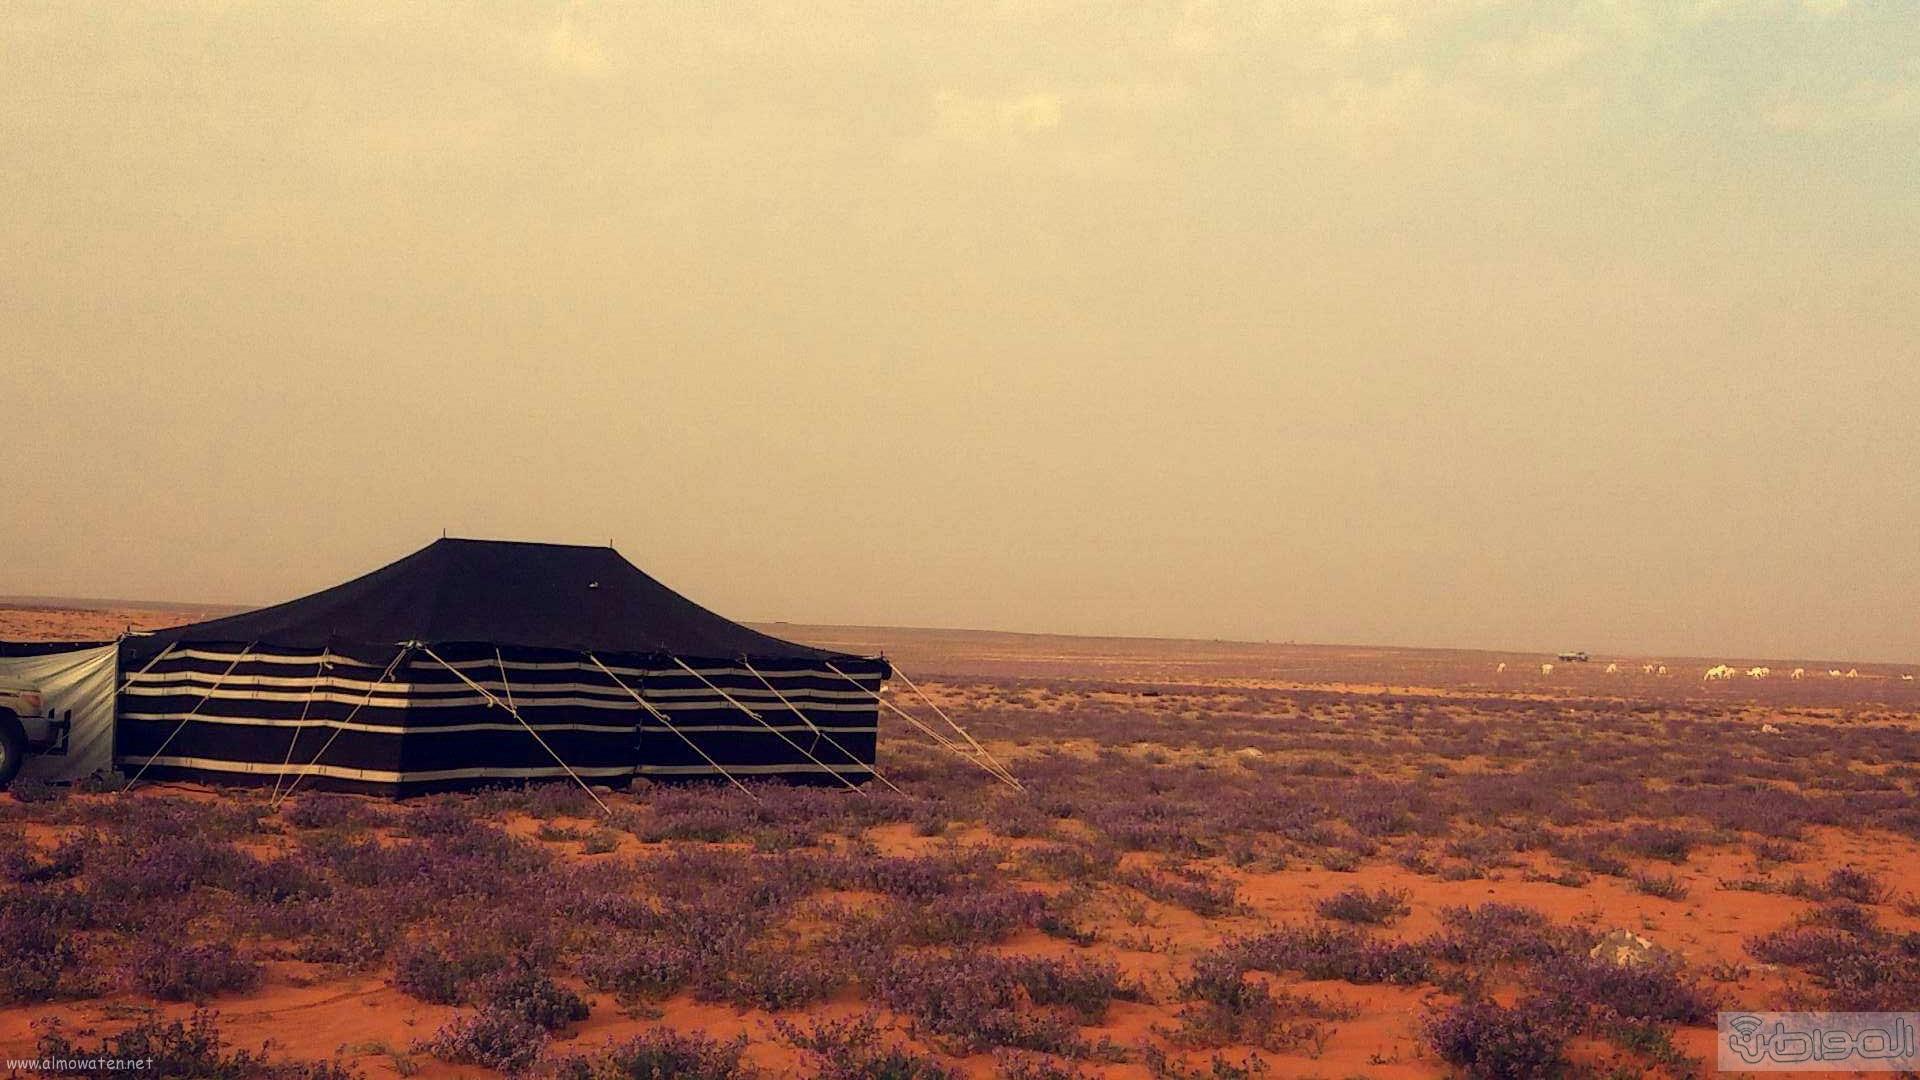 ربيع الجبيلي وعذفا شمال السعودية (12)